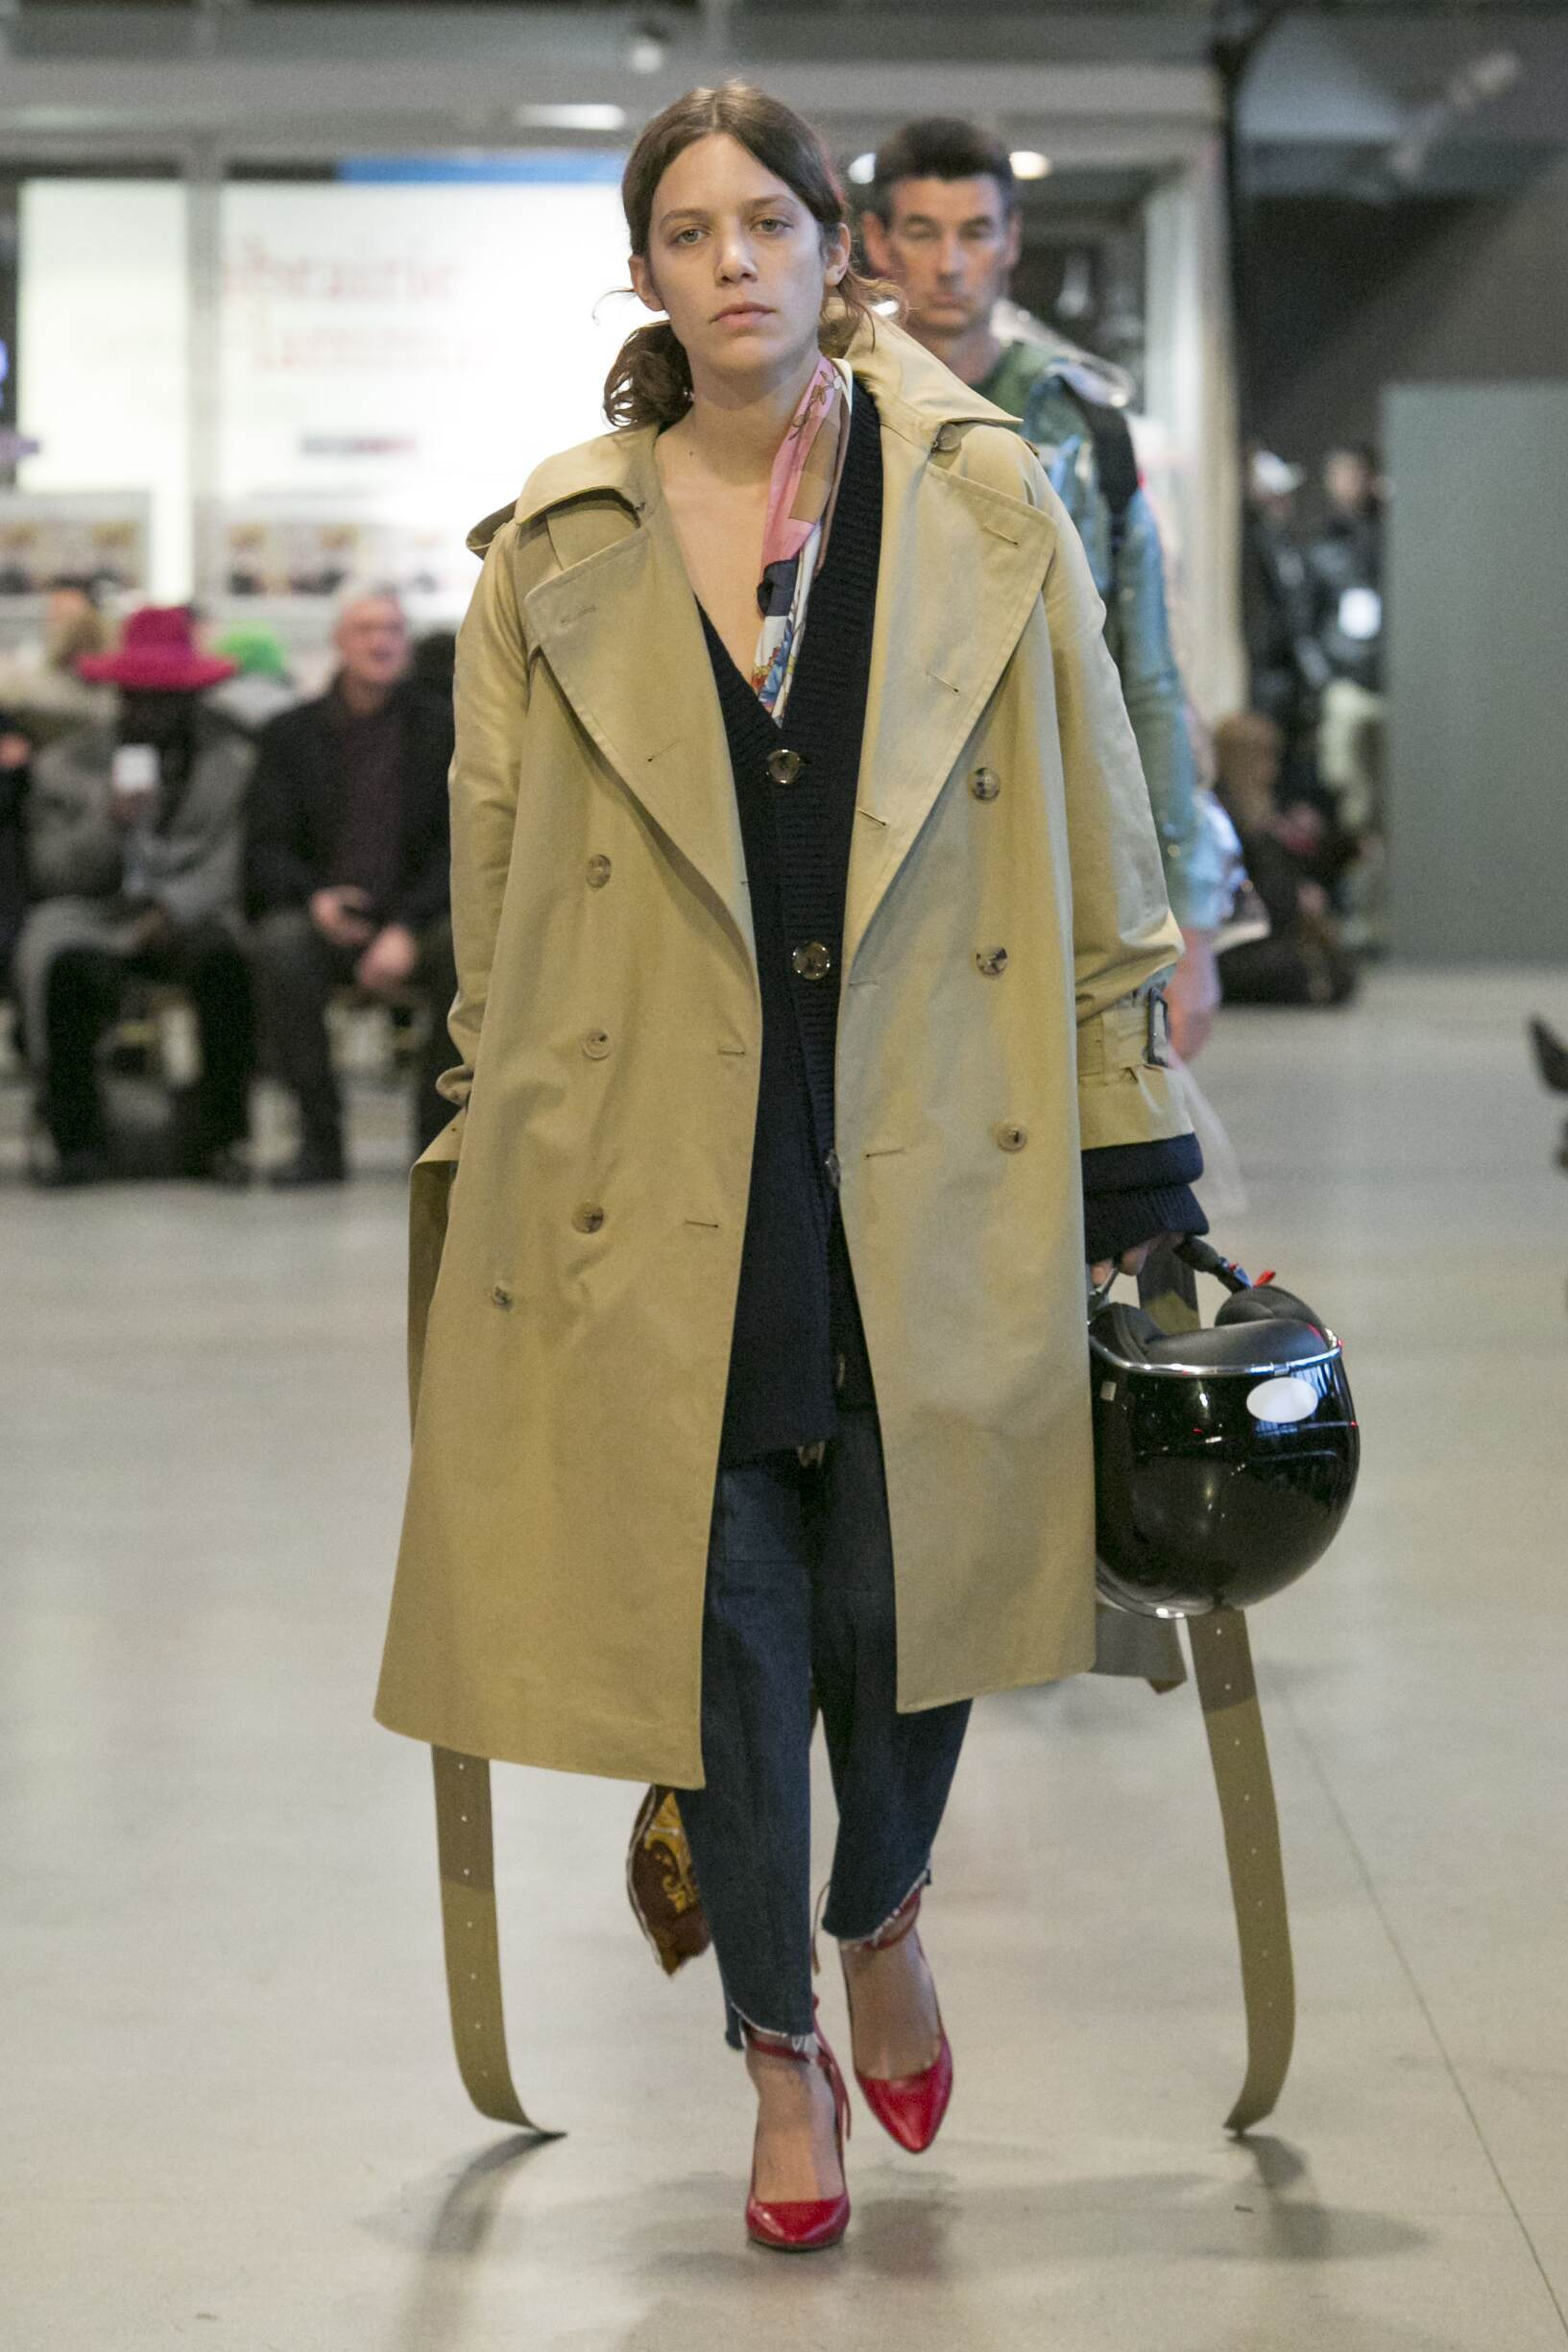 Woman Model Fashion Show Vetements